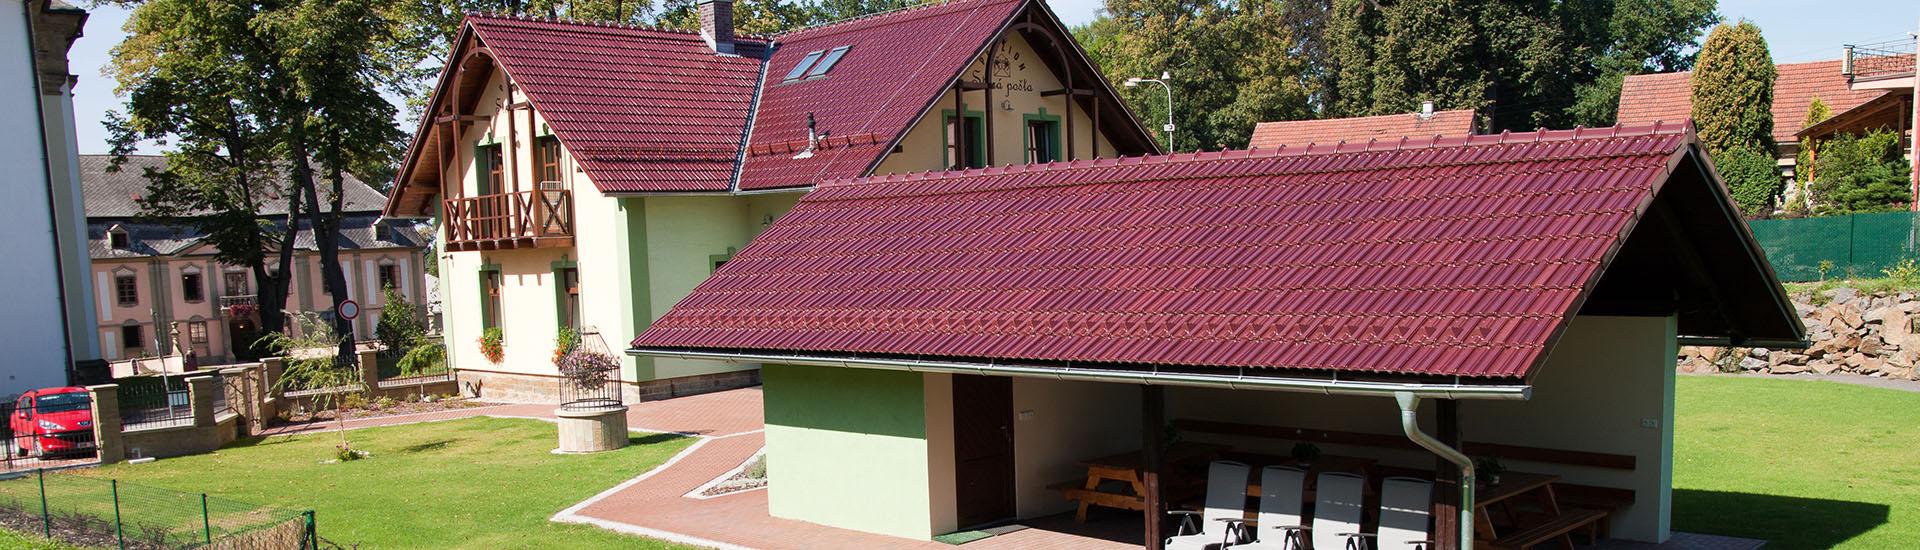 TEJKL, s.r.o. - kompletní rekonstrukce střech